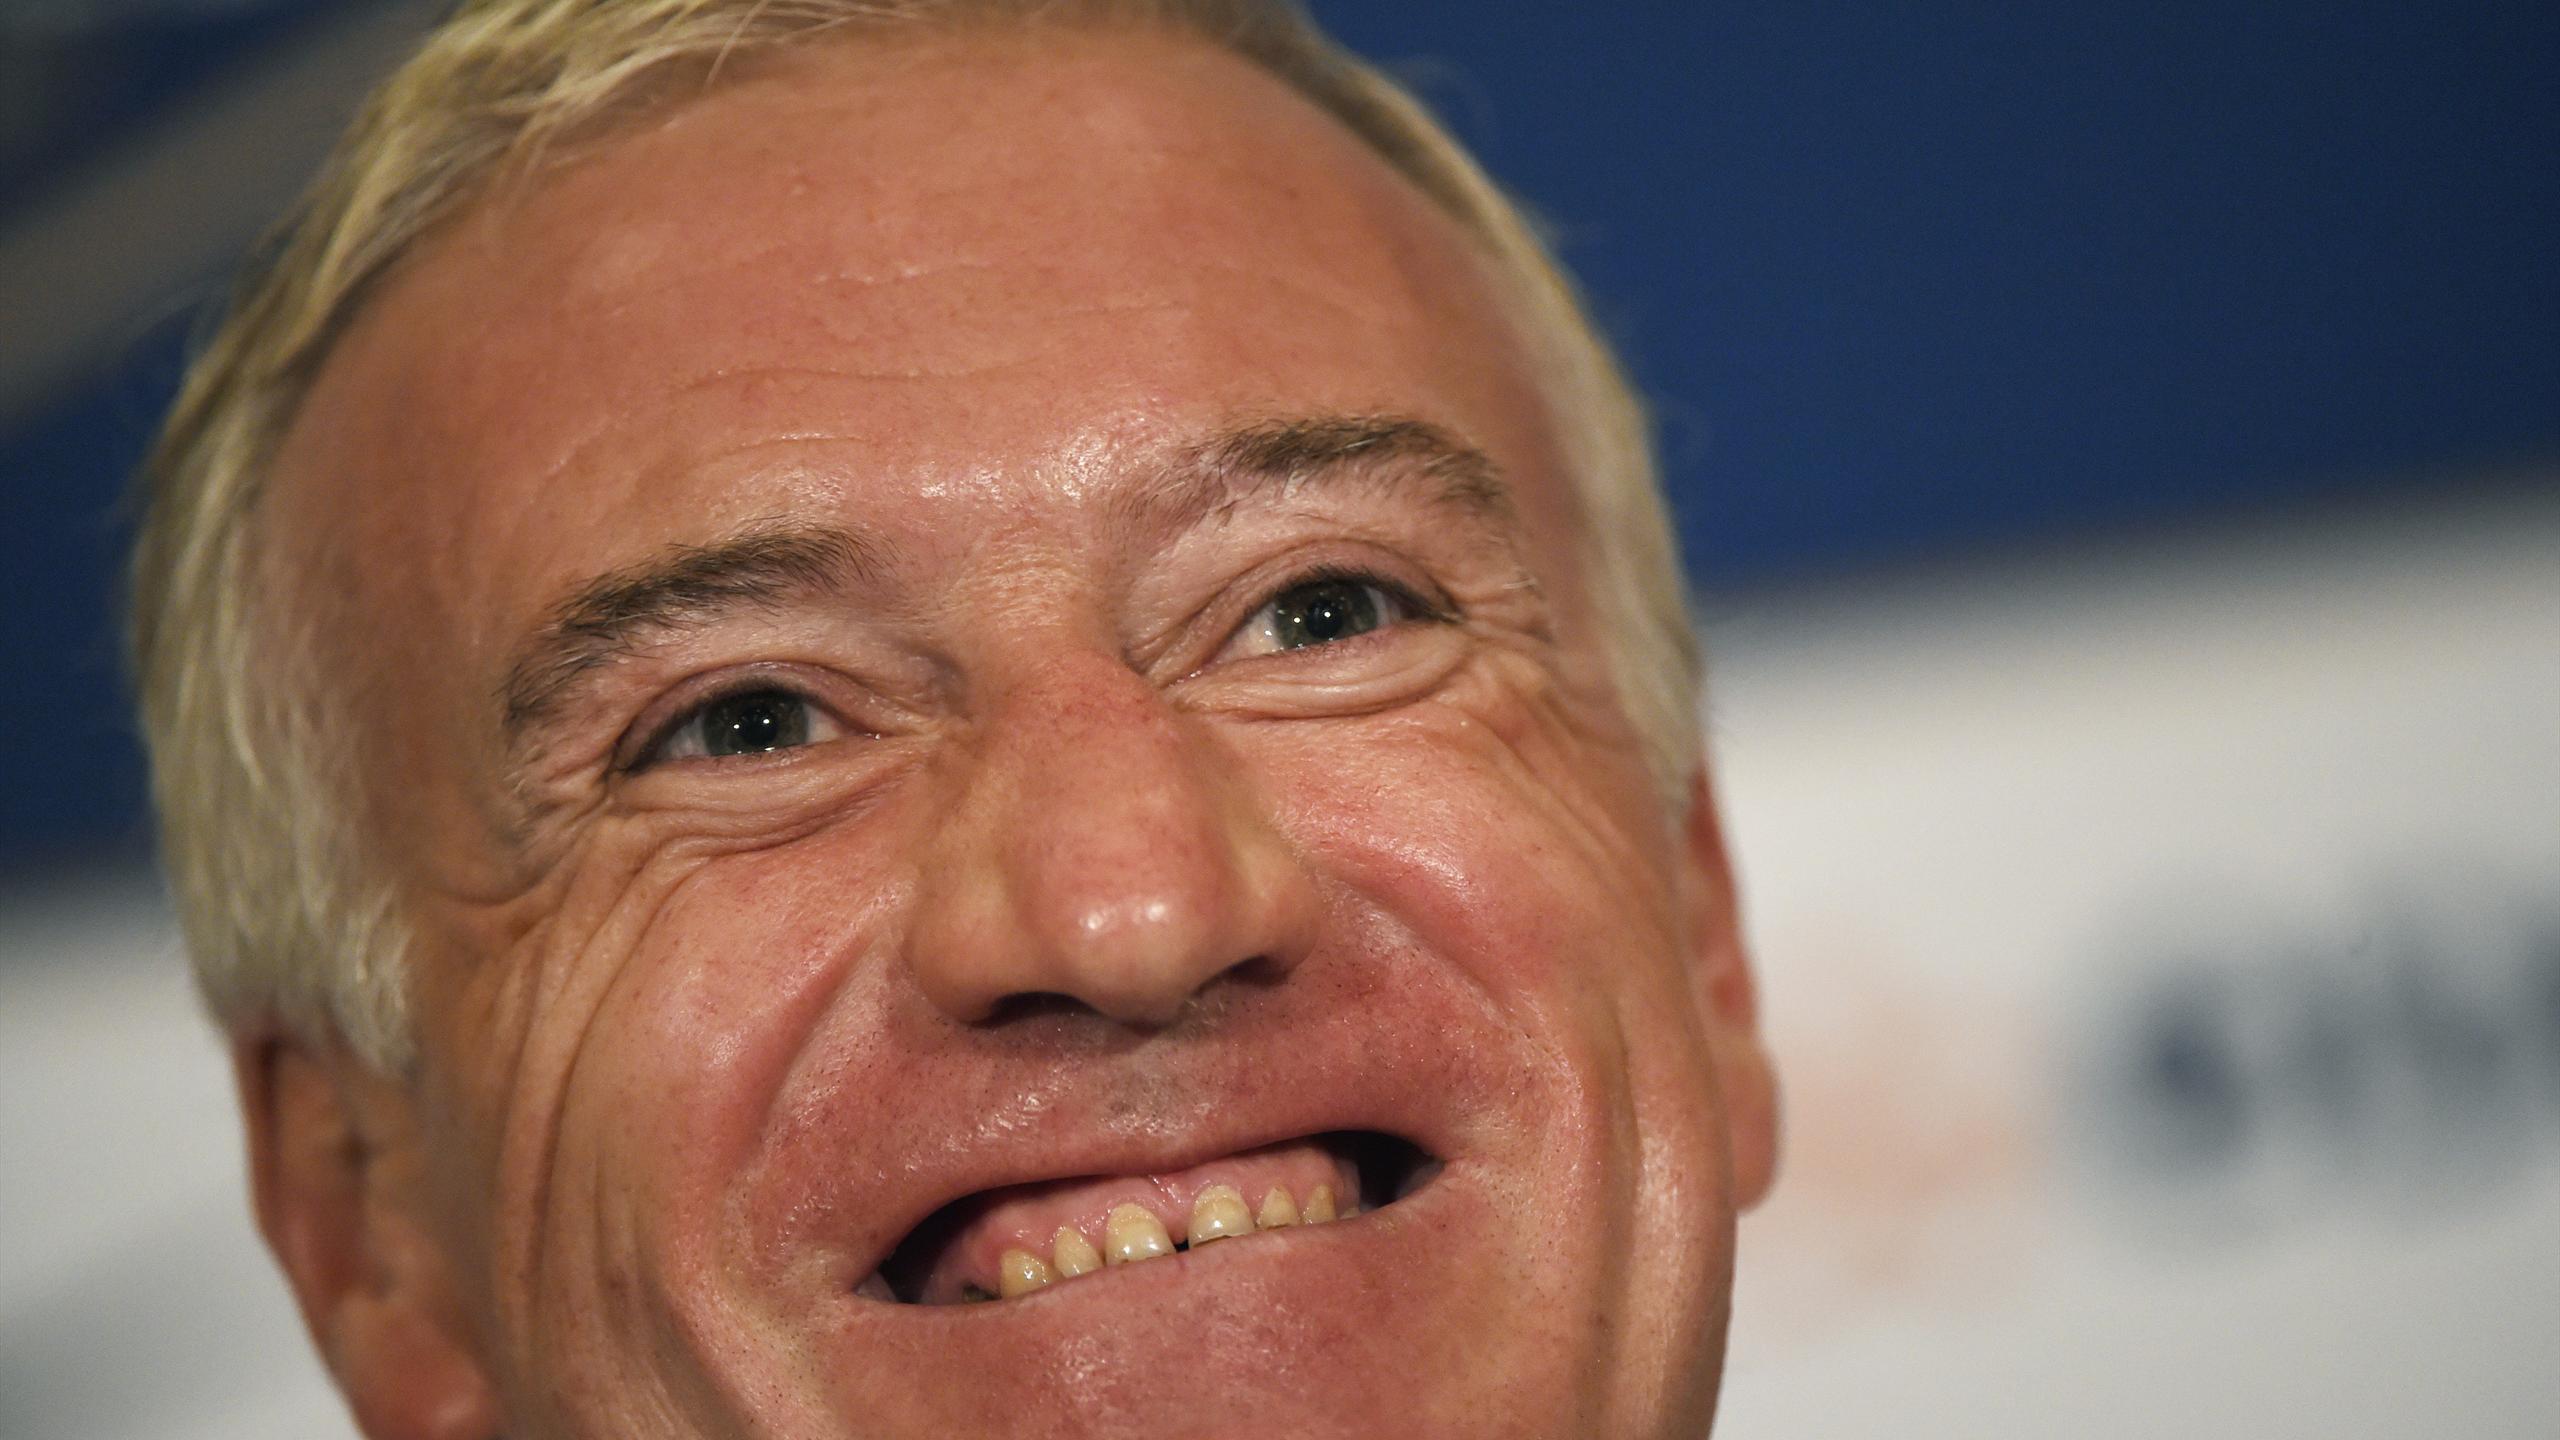 Didier Deschamps tout sourire lors de la conférence de presse de l'équipe de France